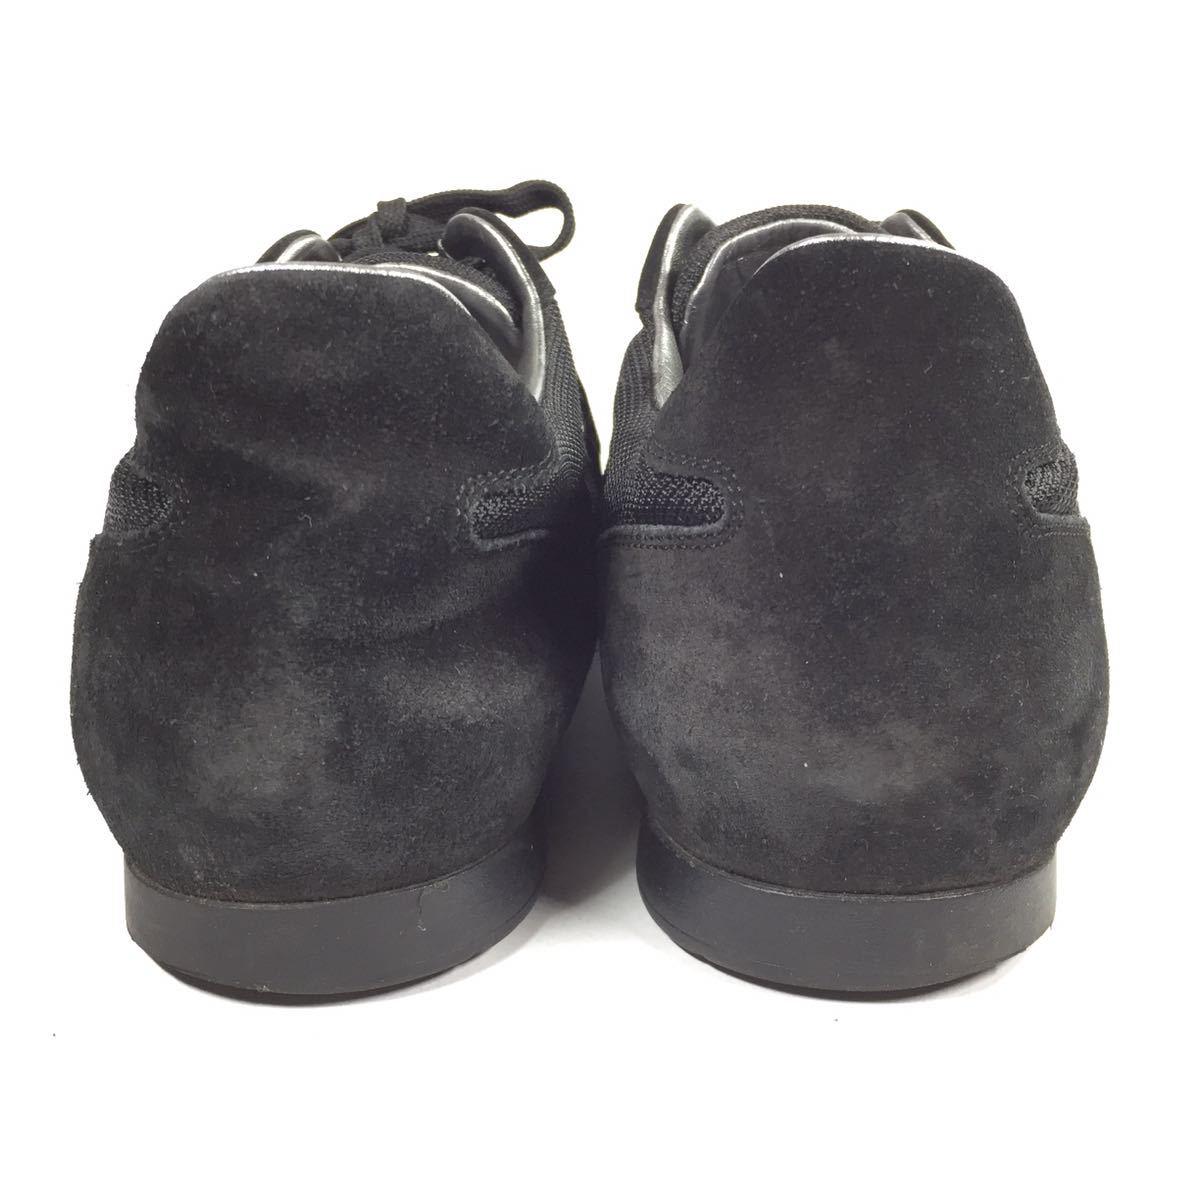 【ルイヴィトン】本物 LOUIS VUITTON 靴 26cm 黒色系 LVロゴ スニーカー カジュアルシューズ スエード 男性用 メンズ イタリア製 7_画像3